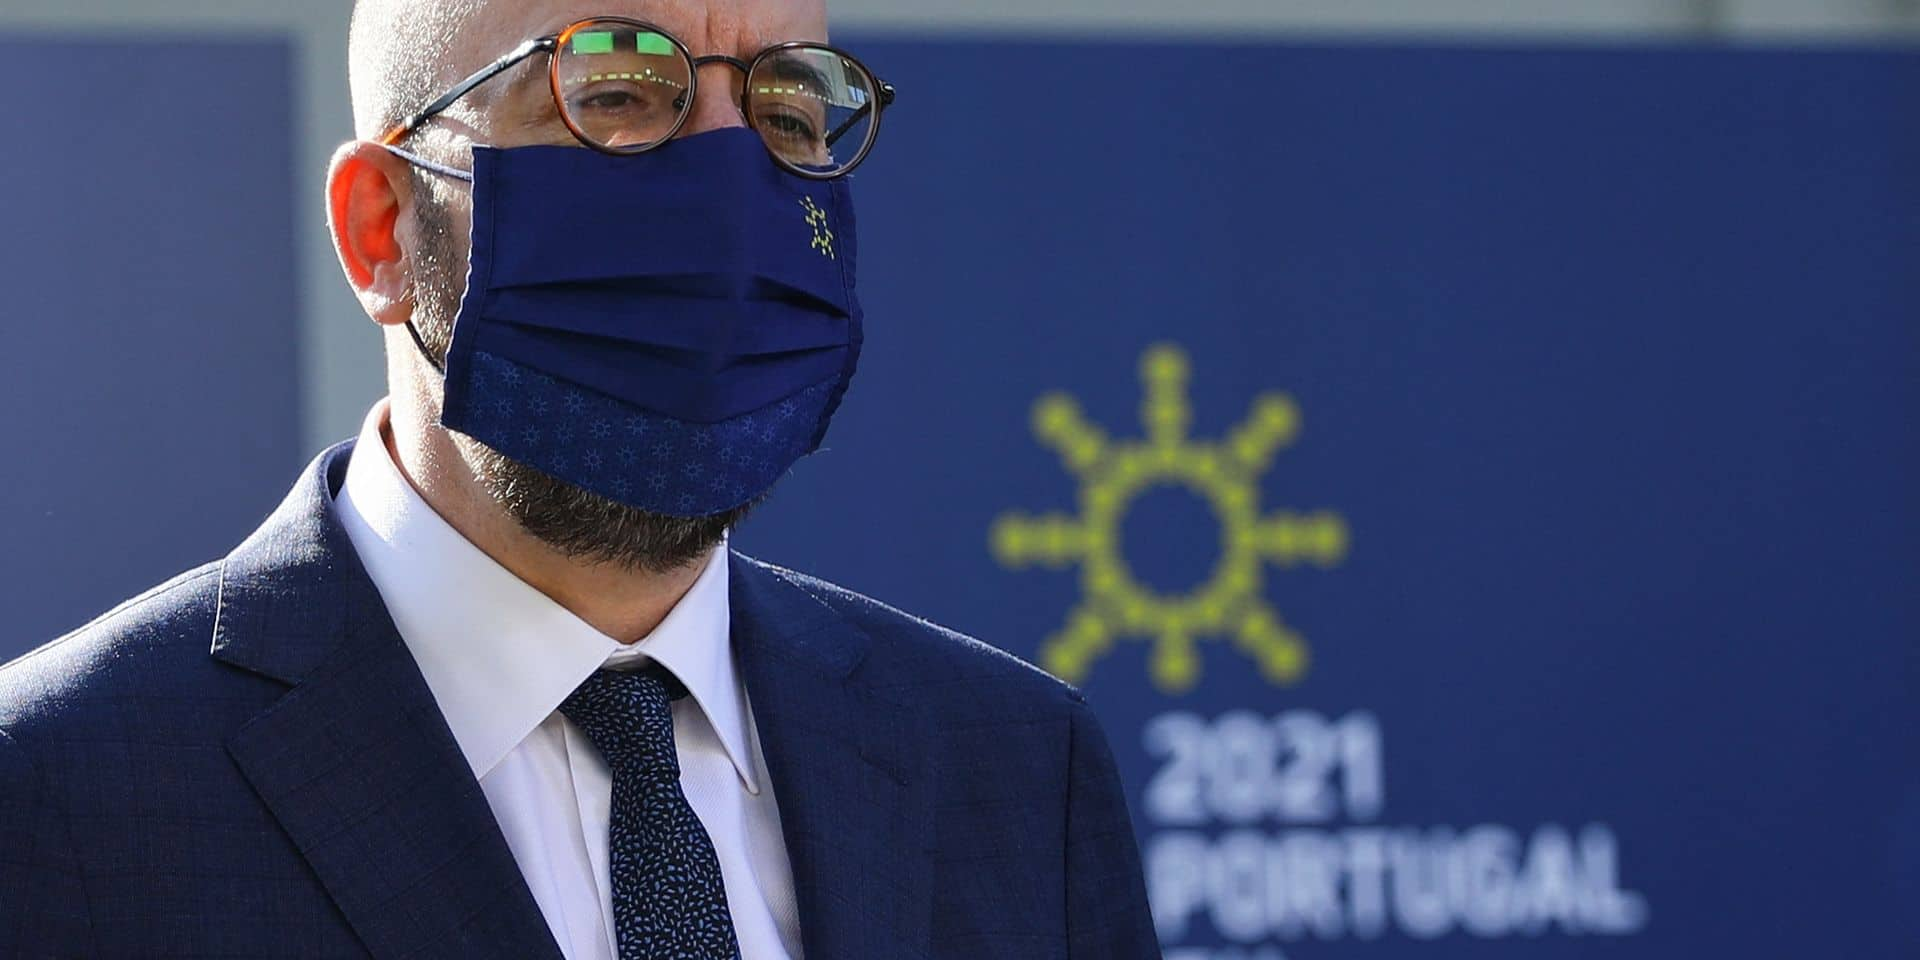 """Levée des brevets : l'UE prête à débattre sur des """"propositions concrètes"""""""